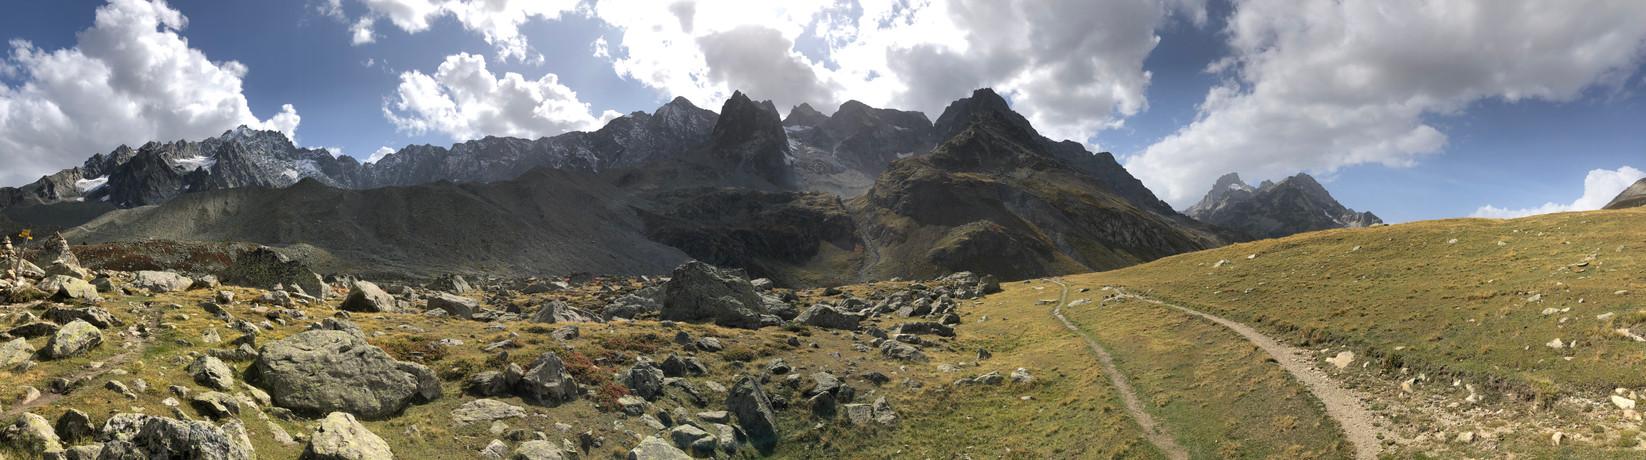 306 depuis le col d'Arsine 2340 m)